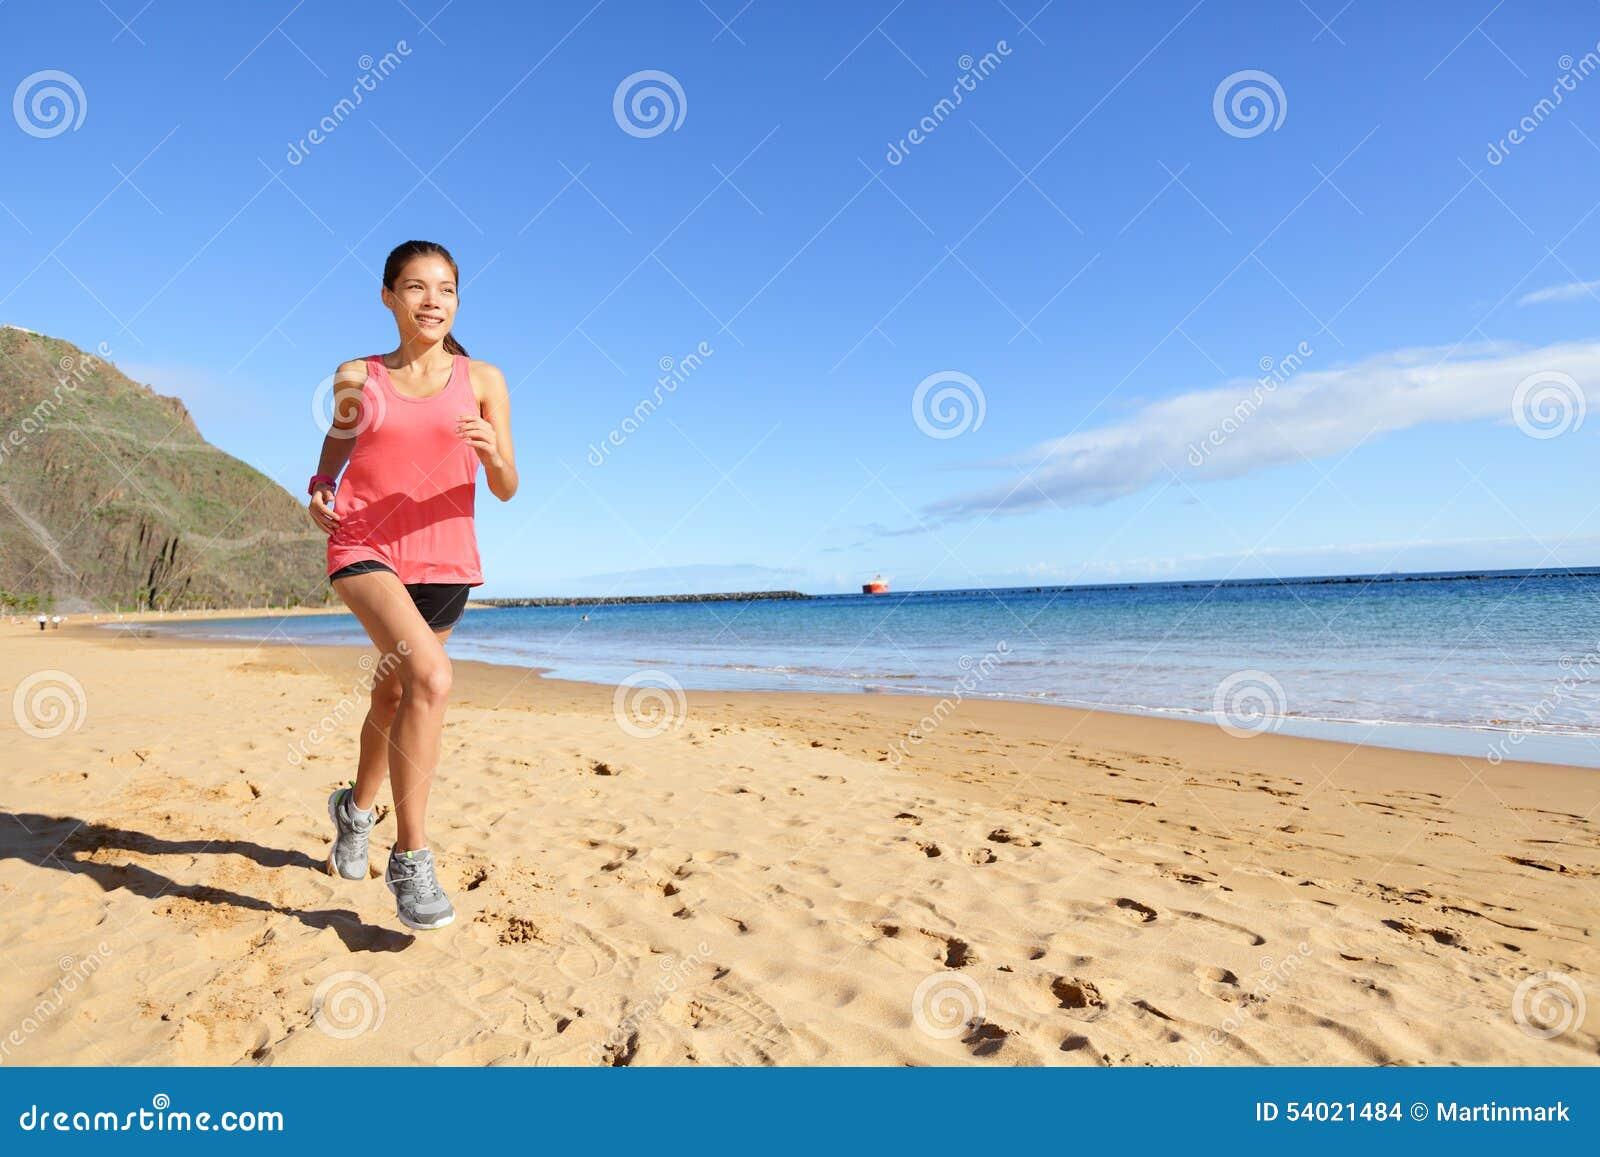 Jogga kvinnan för sportidrottsman nenlöpare på stranden